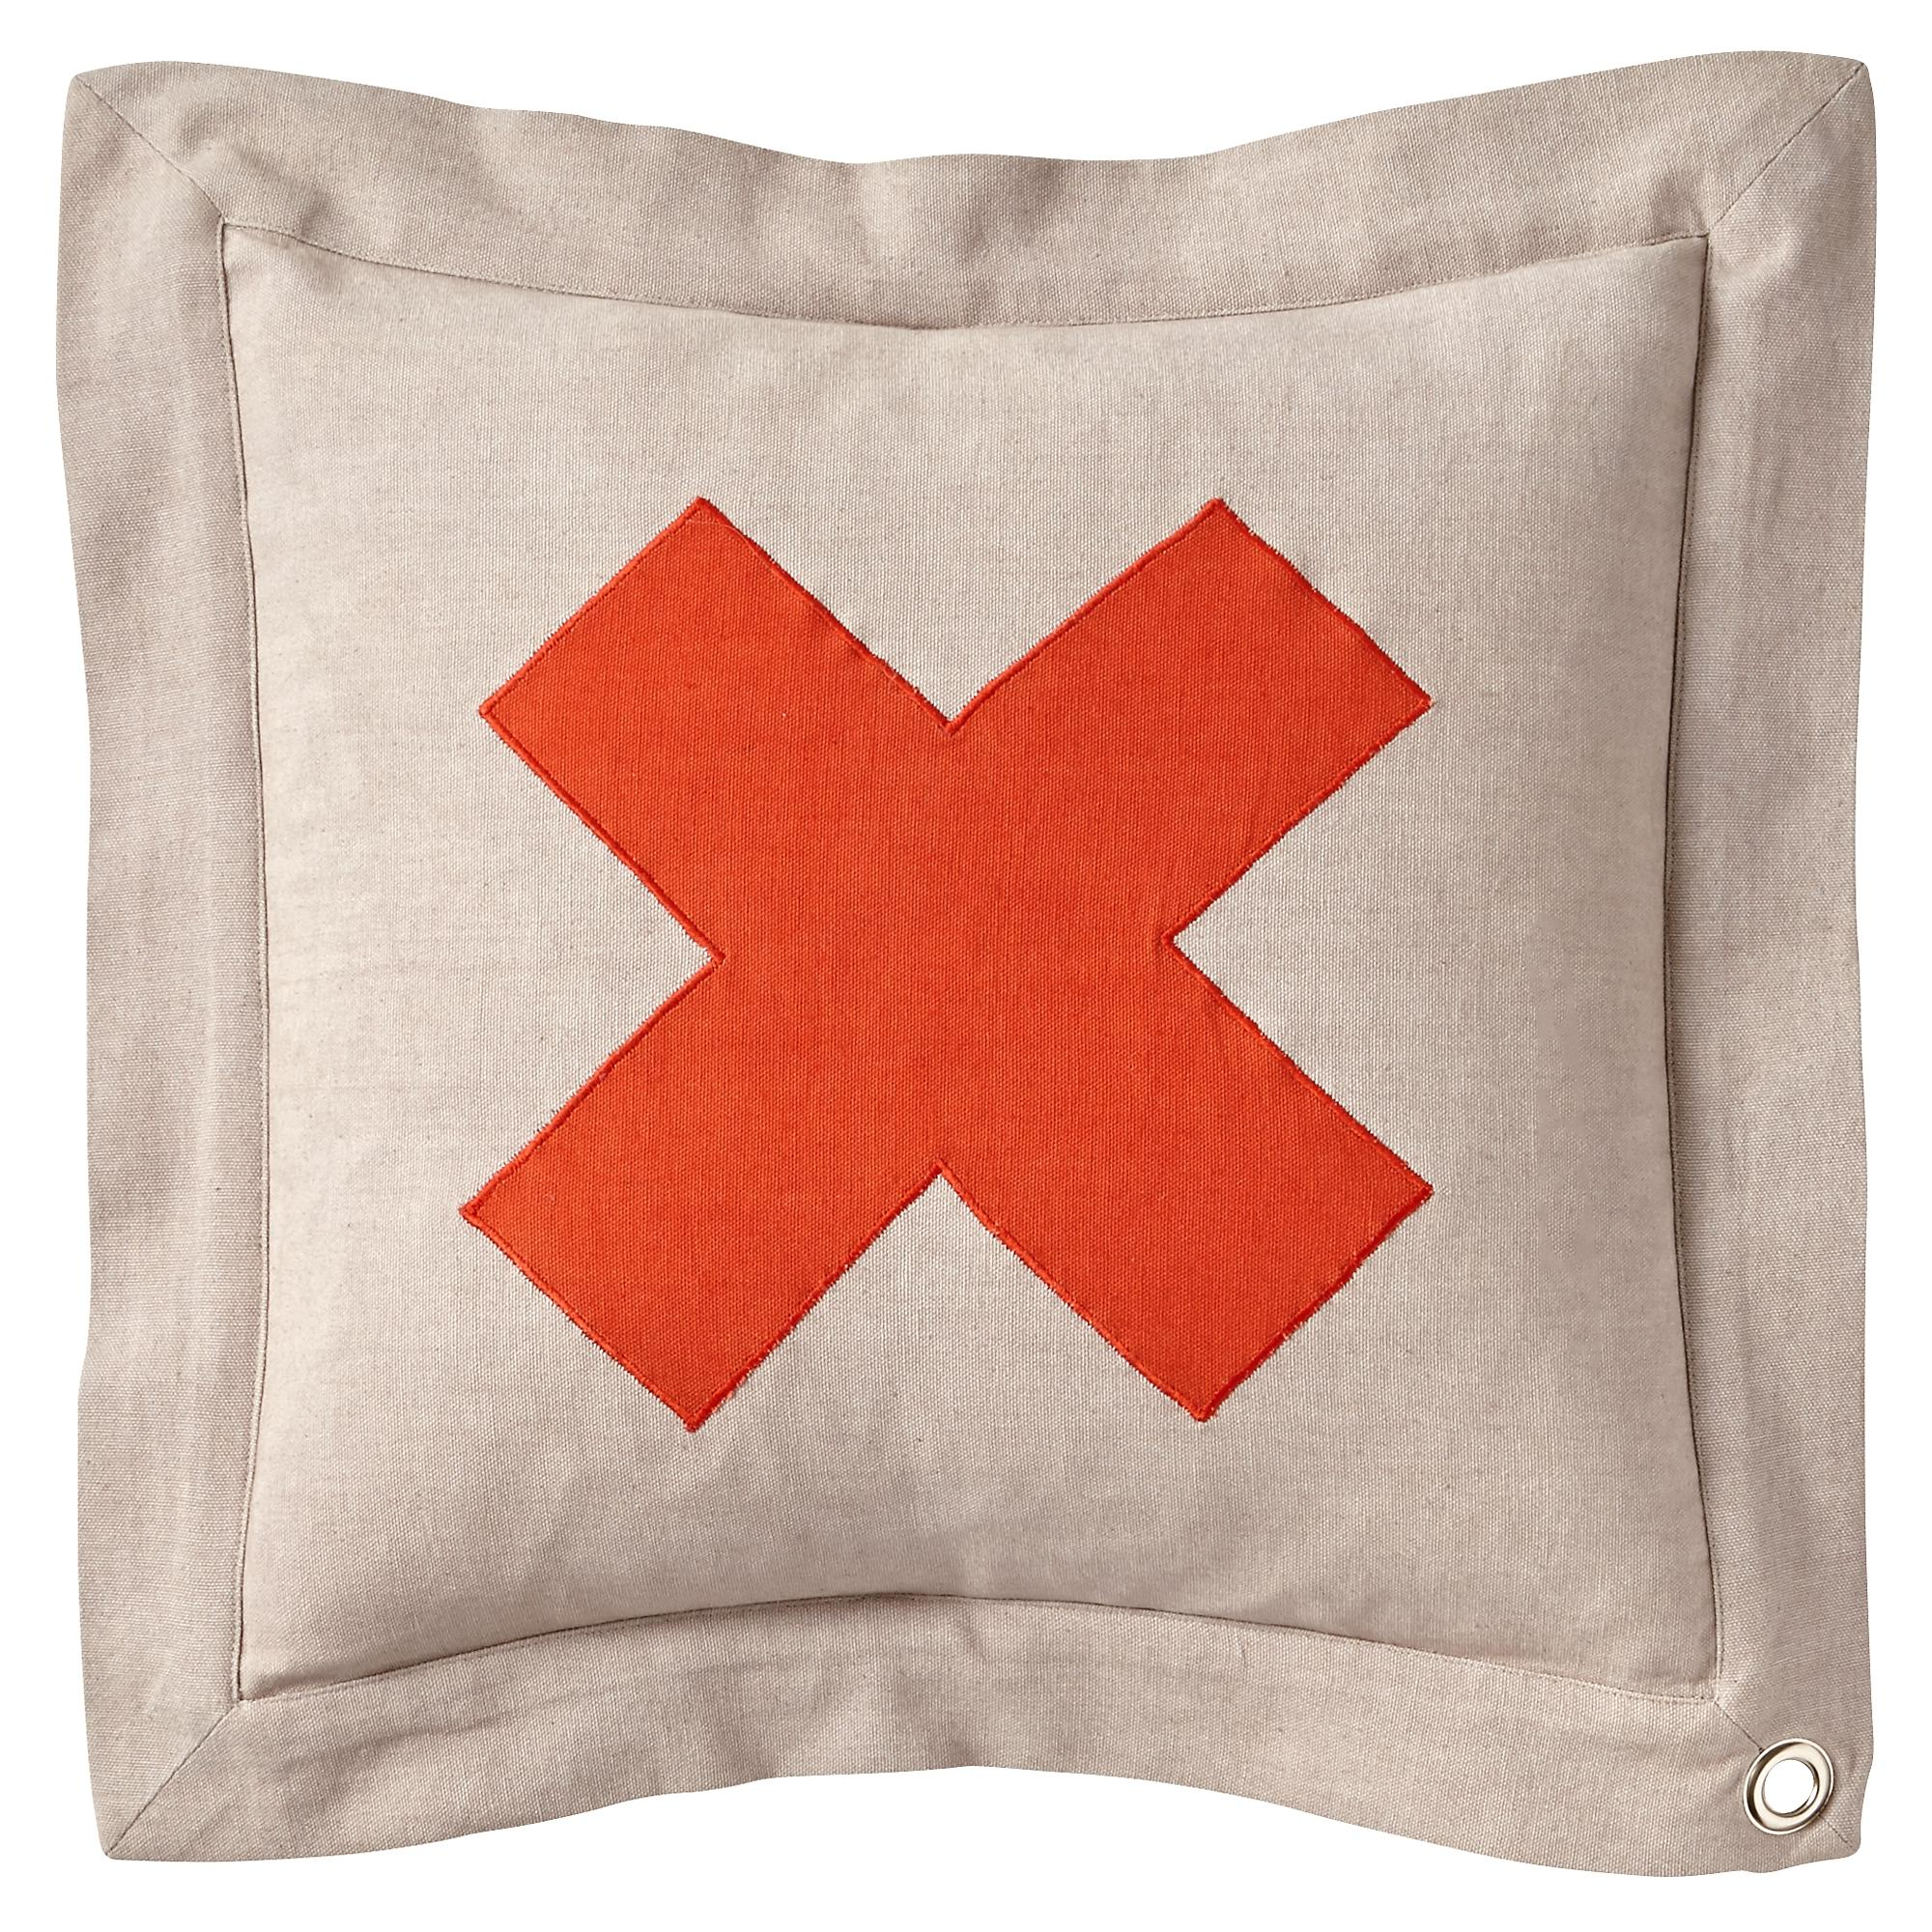 x-throw-pillow.jpg